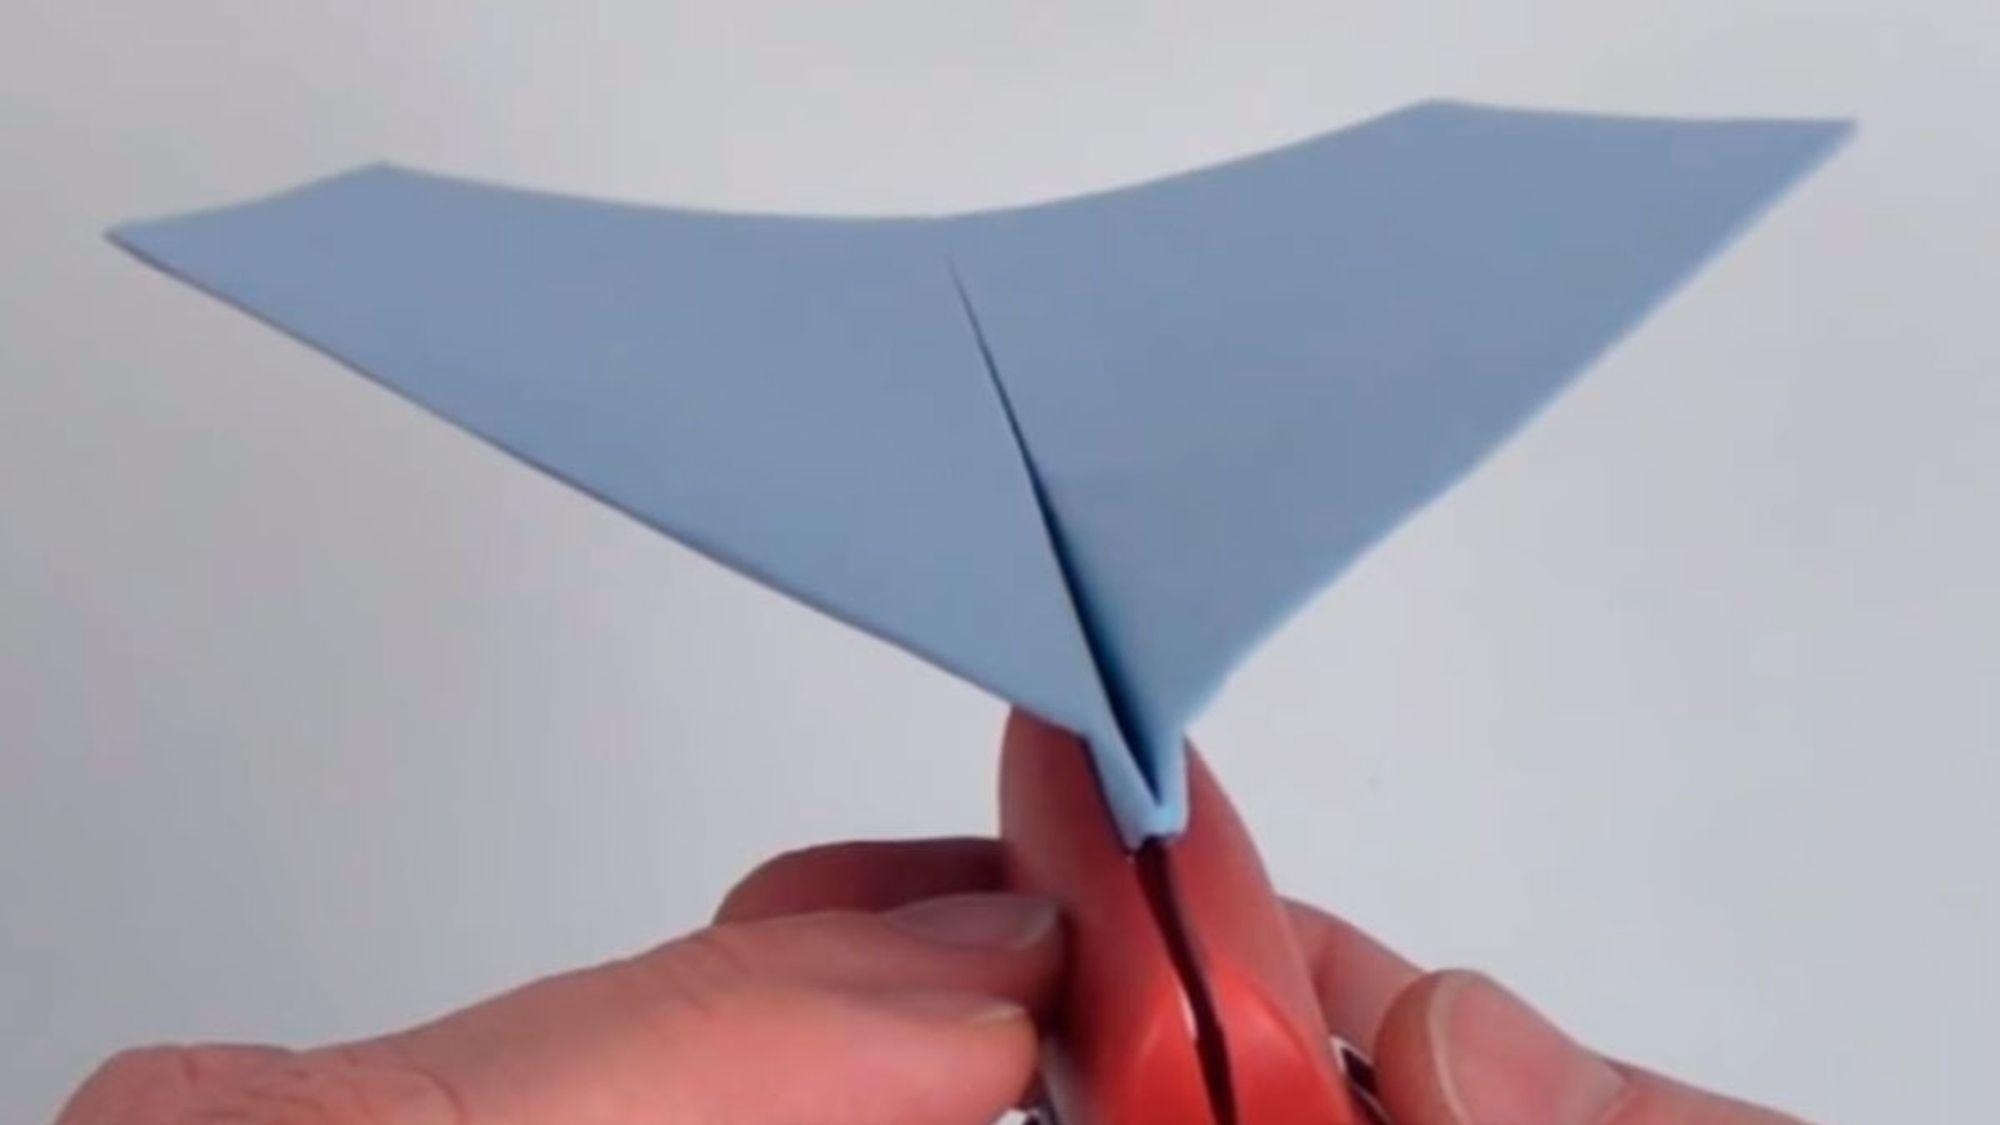 Les Dette papirflyet kan fly 60 meter